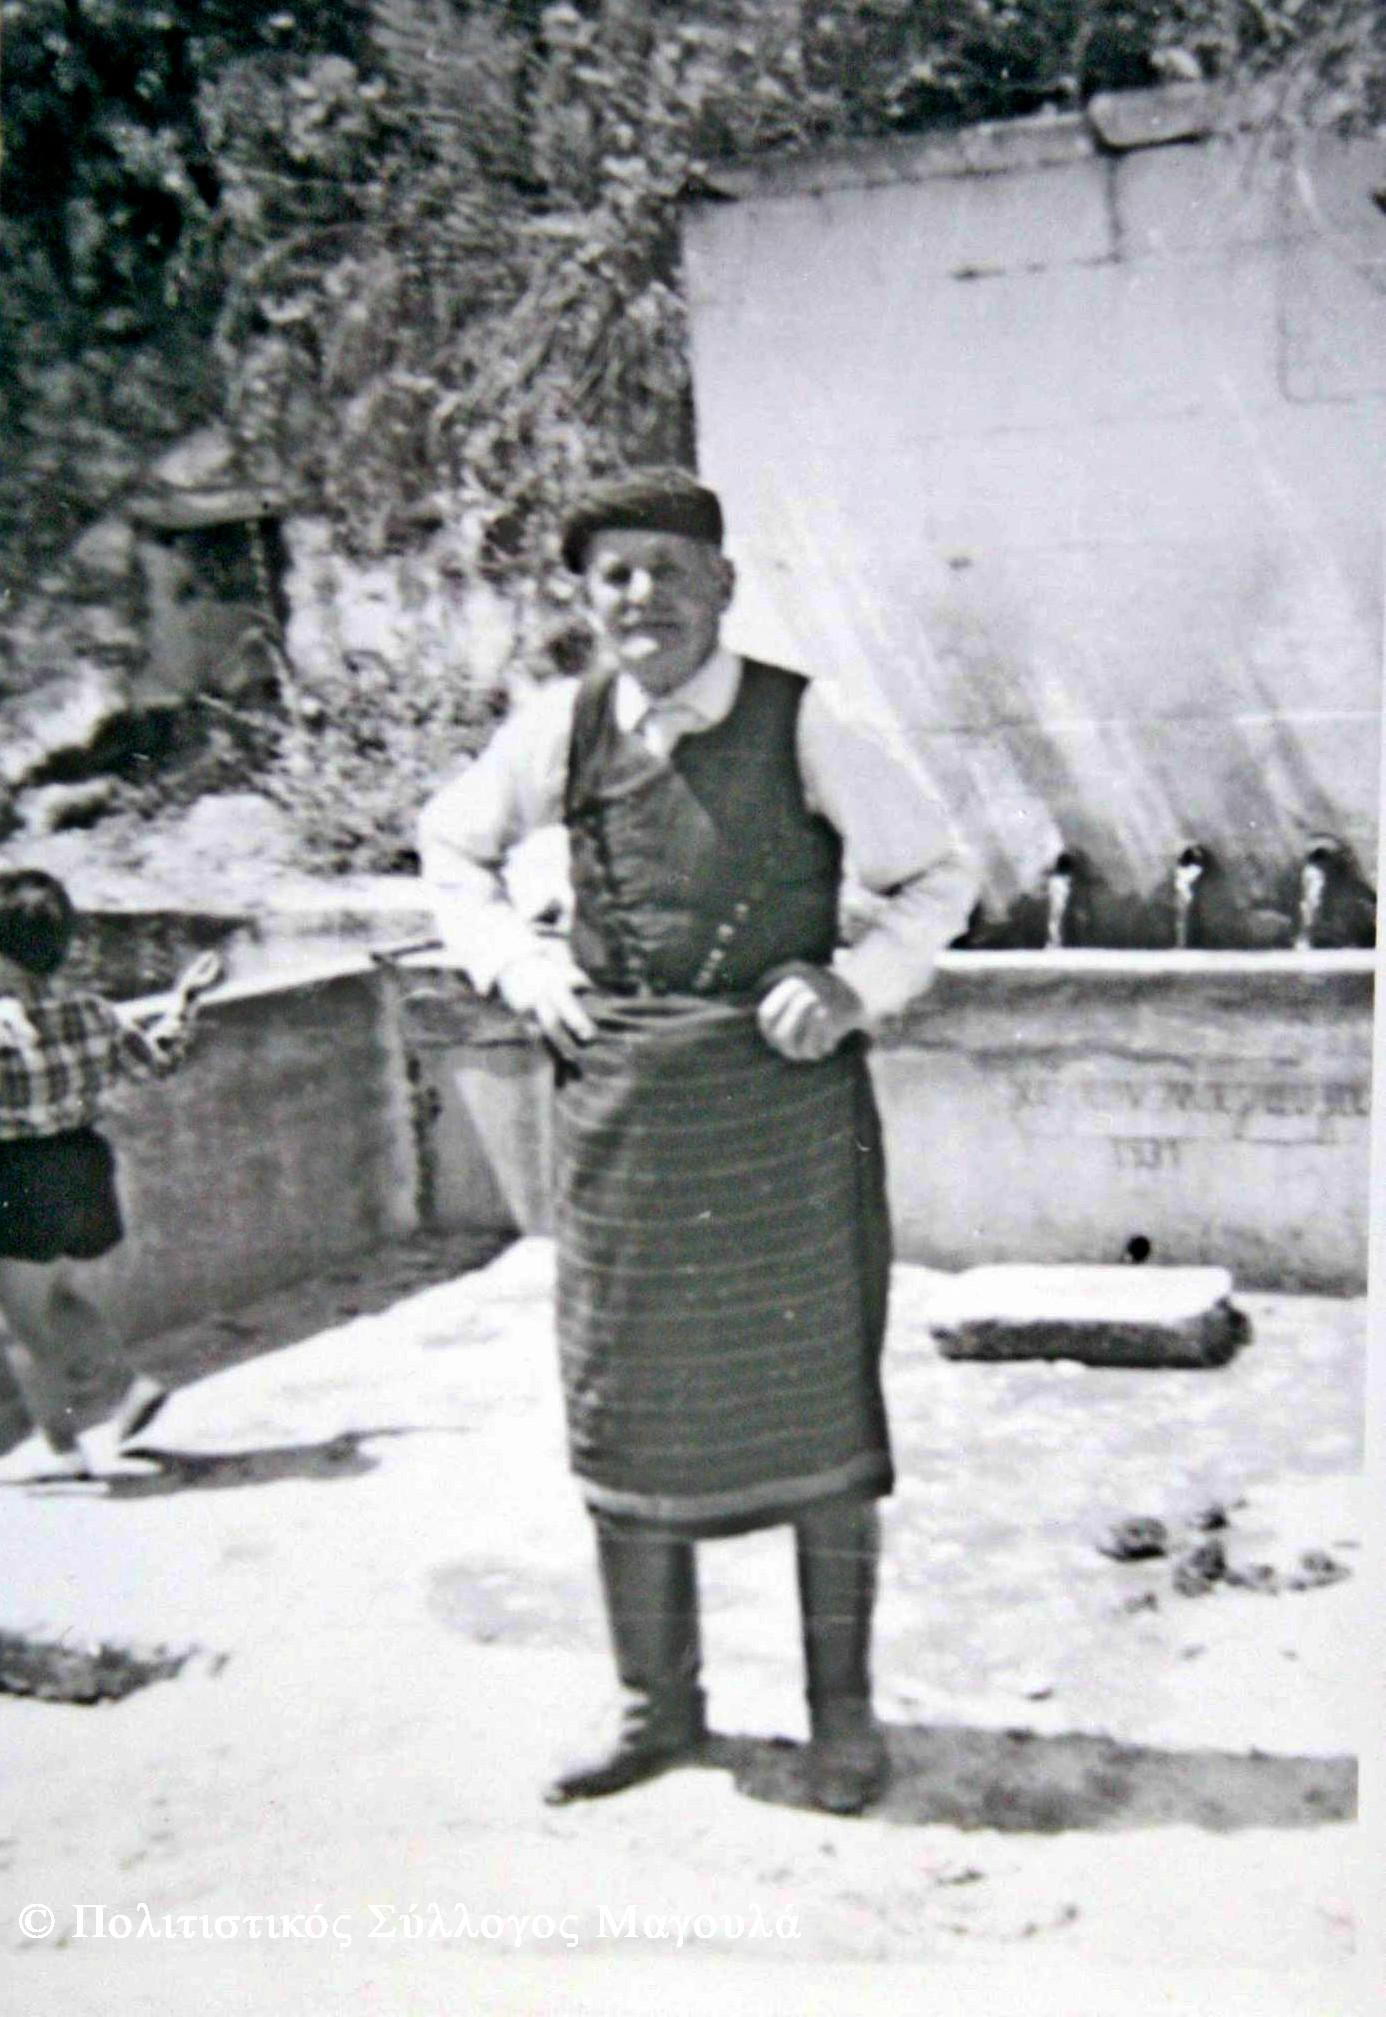 Μεγάλη Βρύση 1970 (απεικονίζεται ο Χριστόδουλος Δολαψάκης/ Αρχείο Οικ. Δολαψάκη)- Great Fountain in 1970